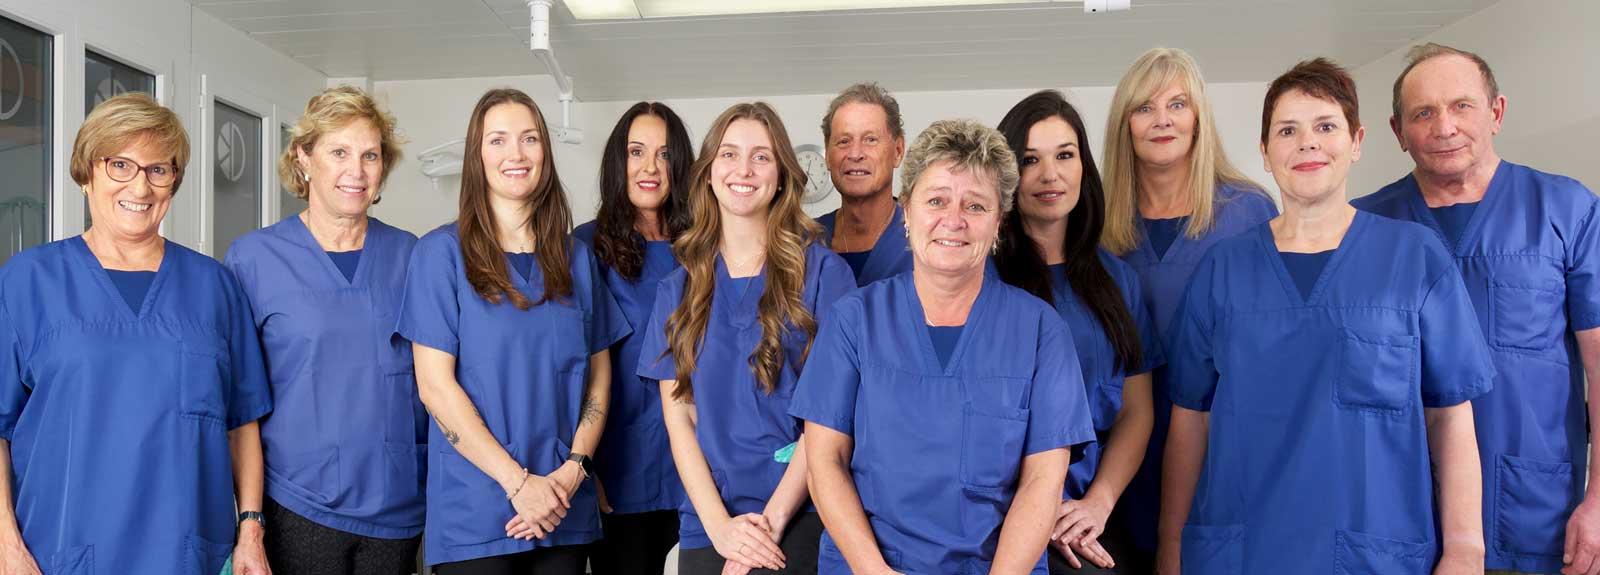 L'équipe de la Clinique de Chirurgie Esthétique Bienne